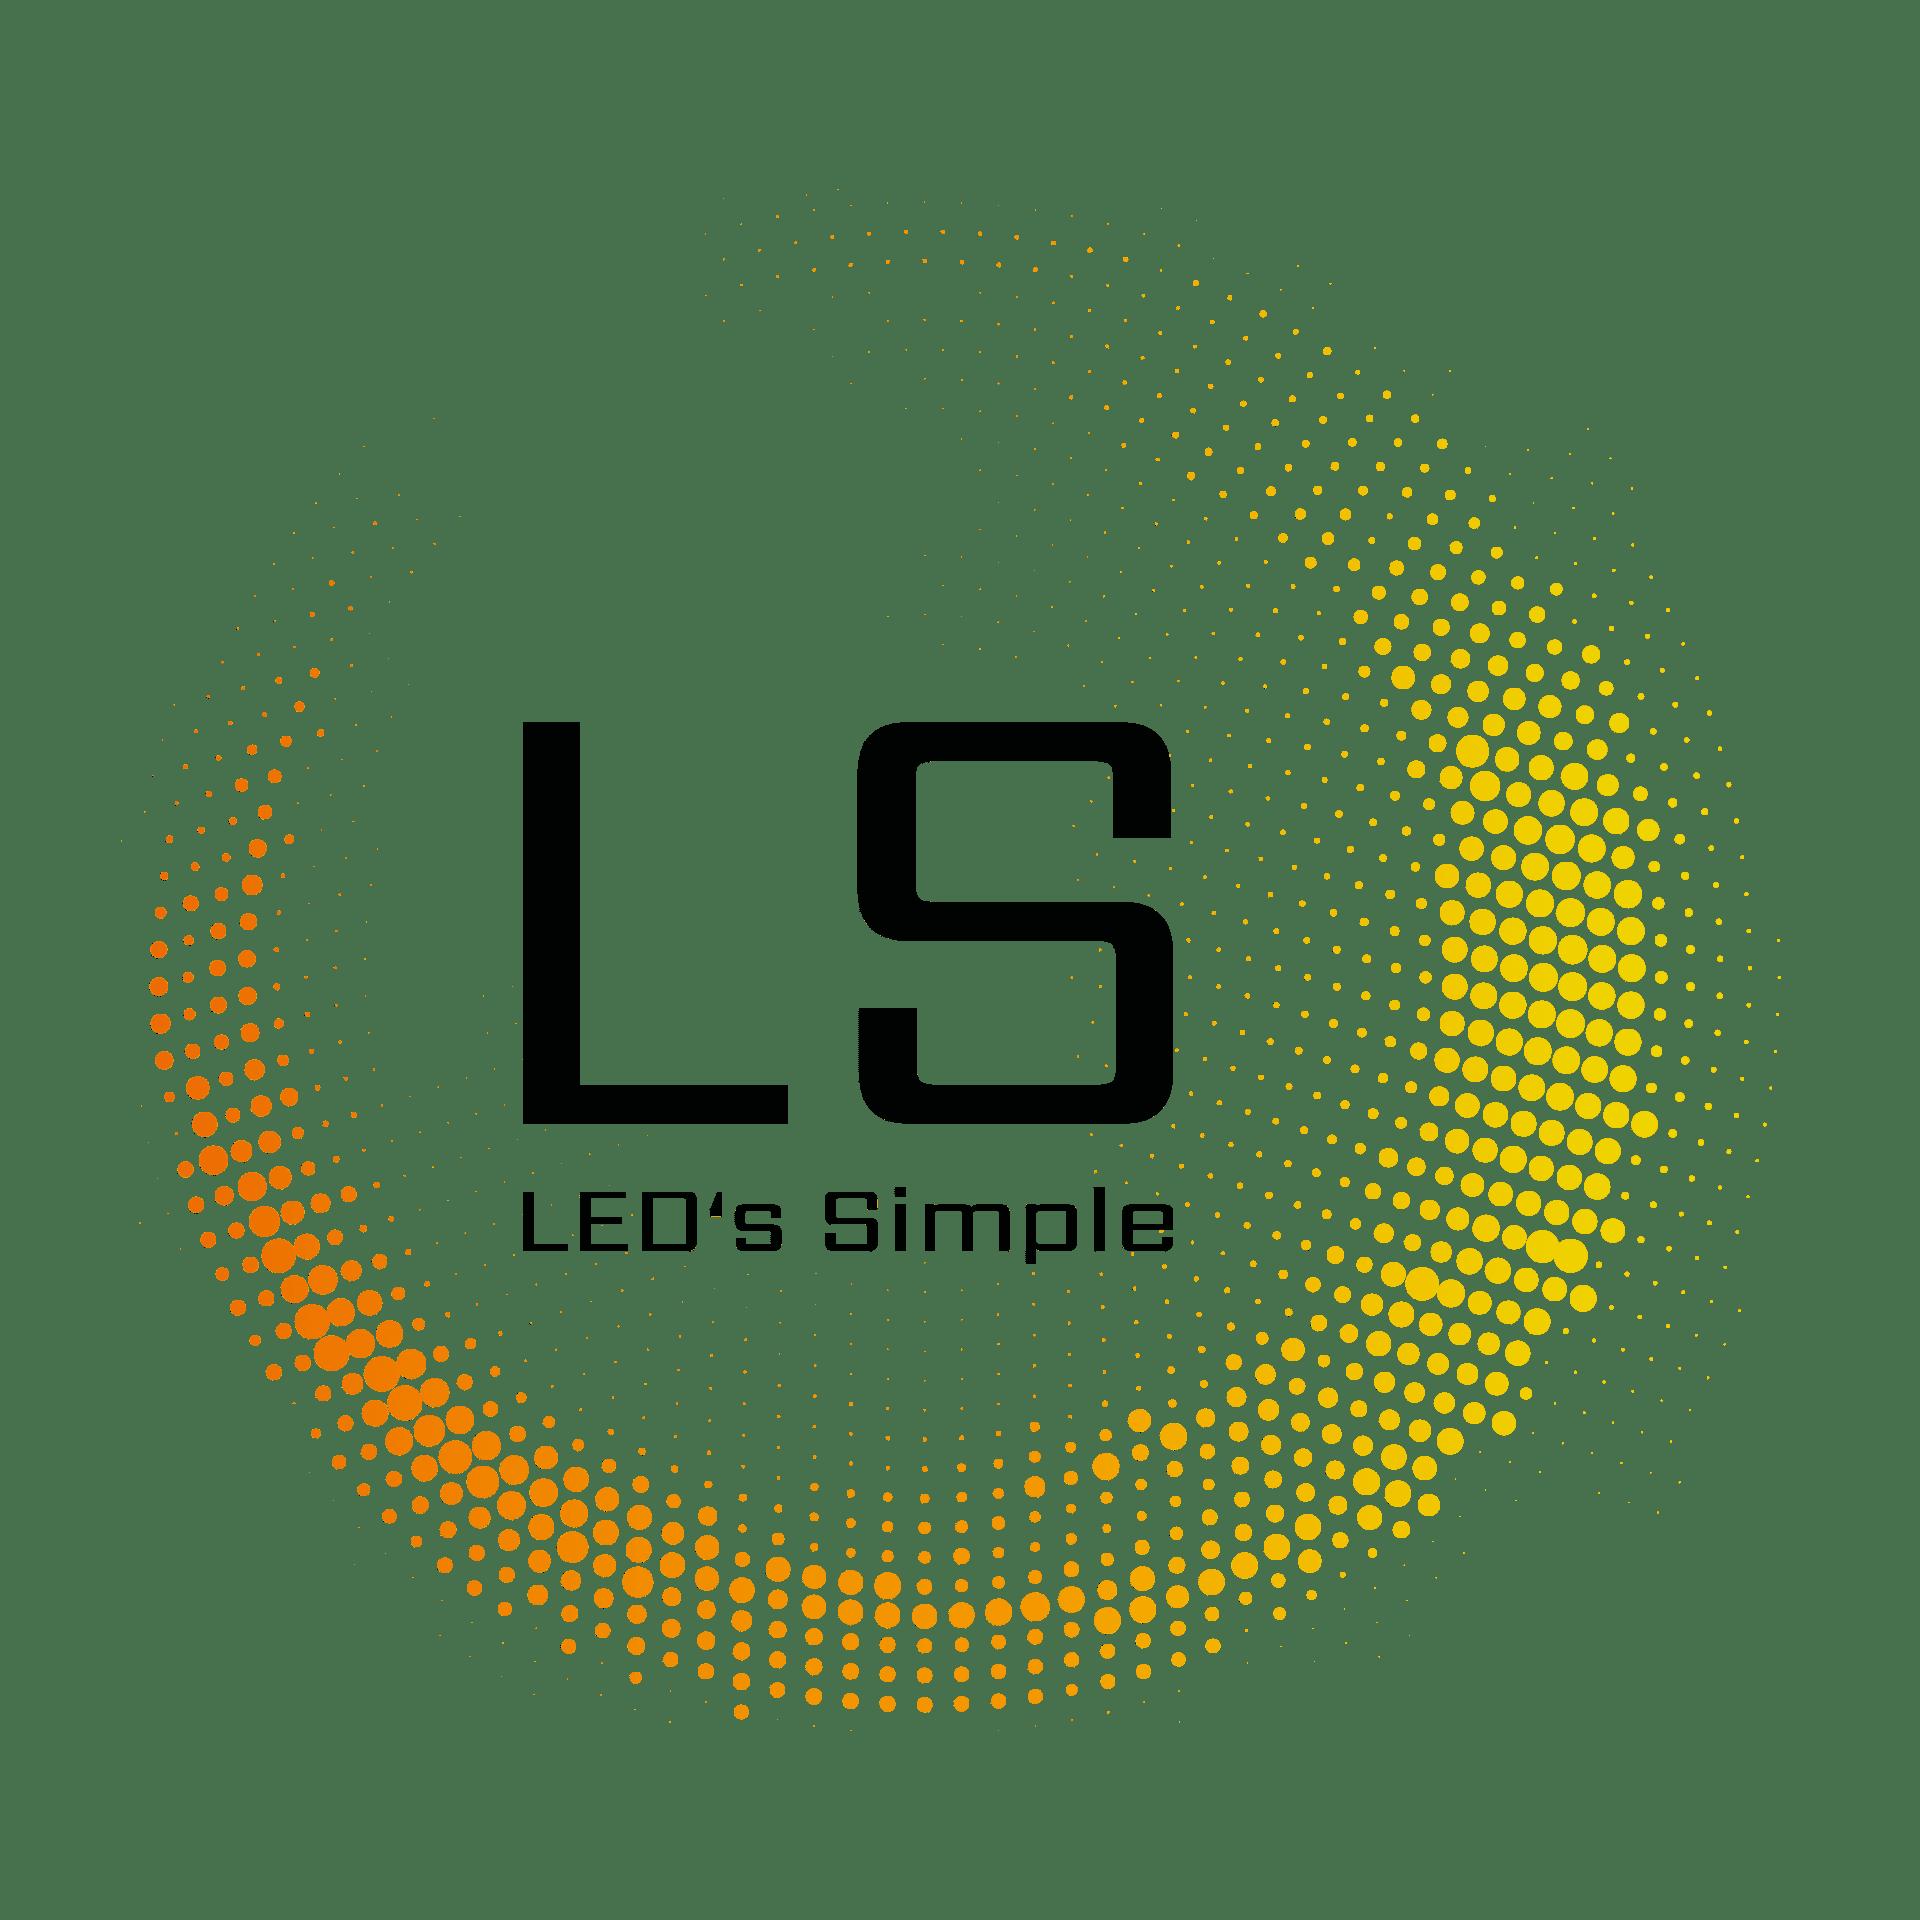 LED'sSimple_Logo